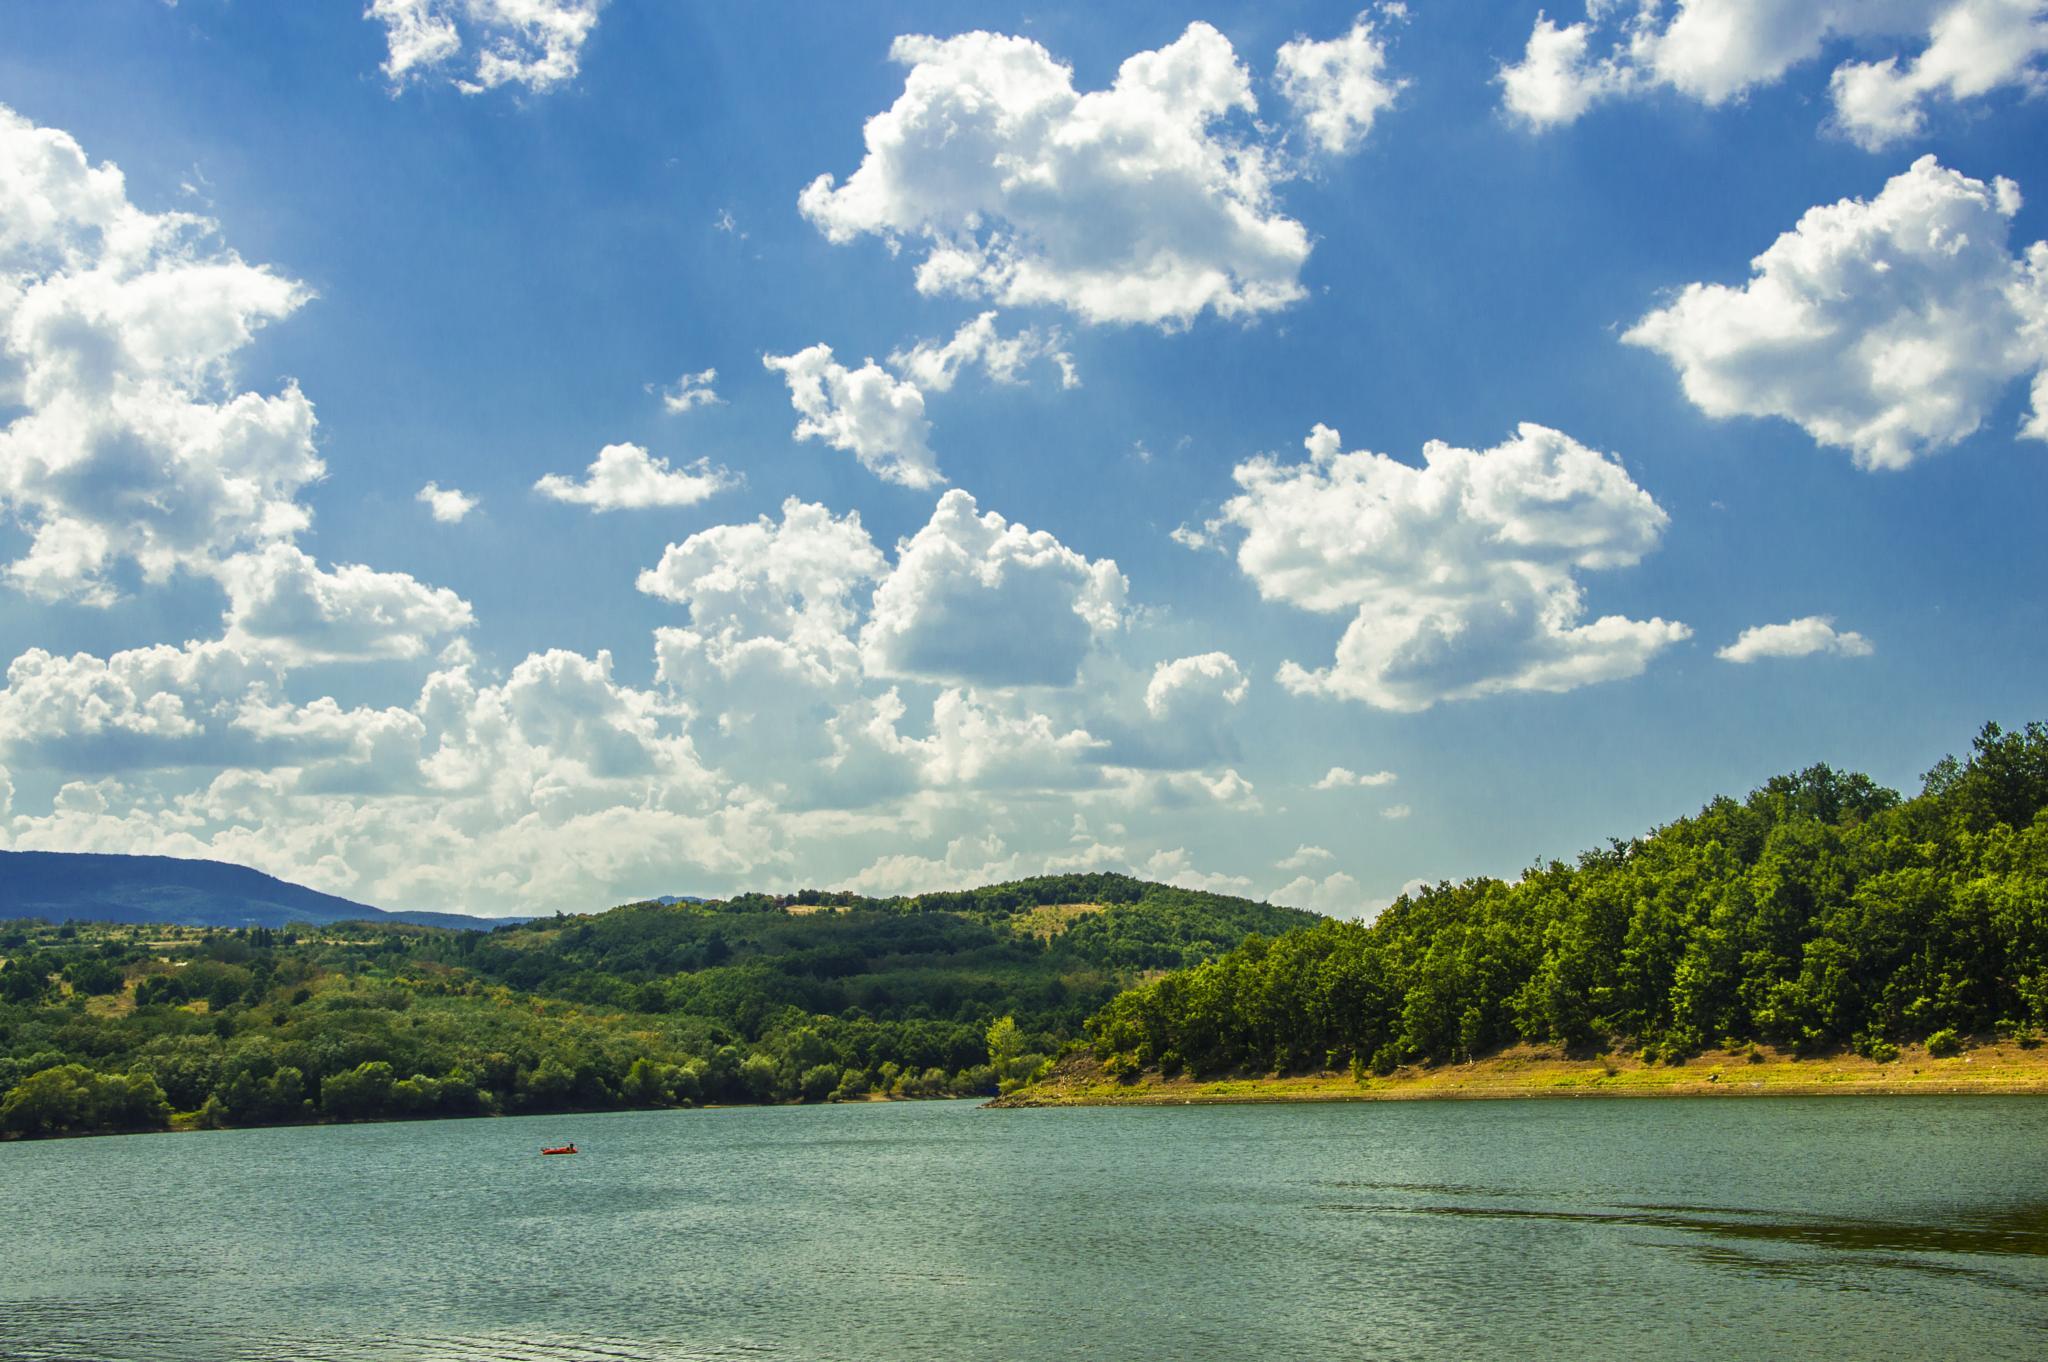 Bresotvac Lake by Miloš Stanković